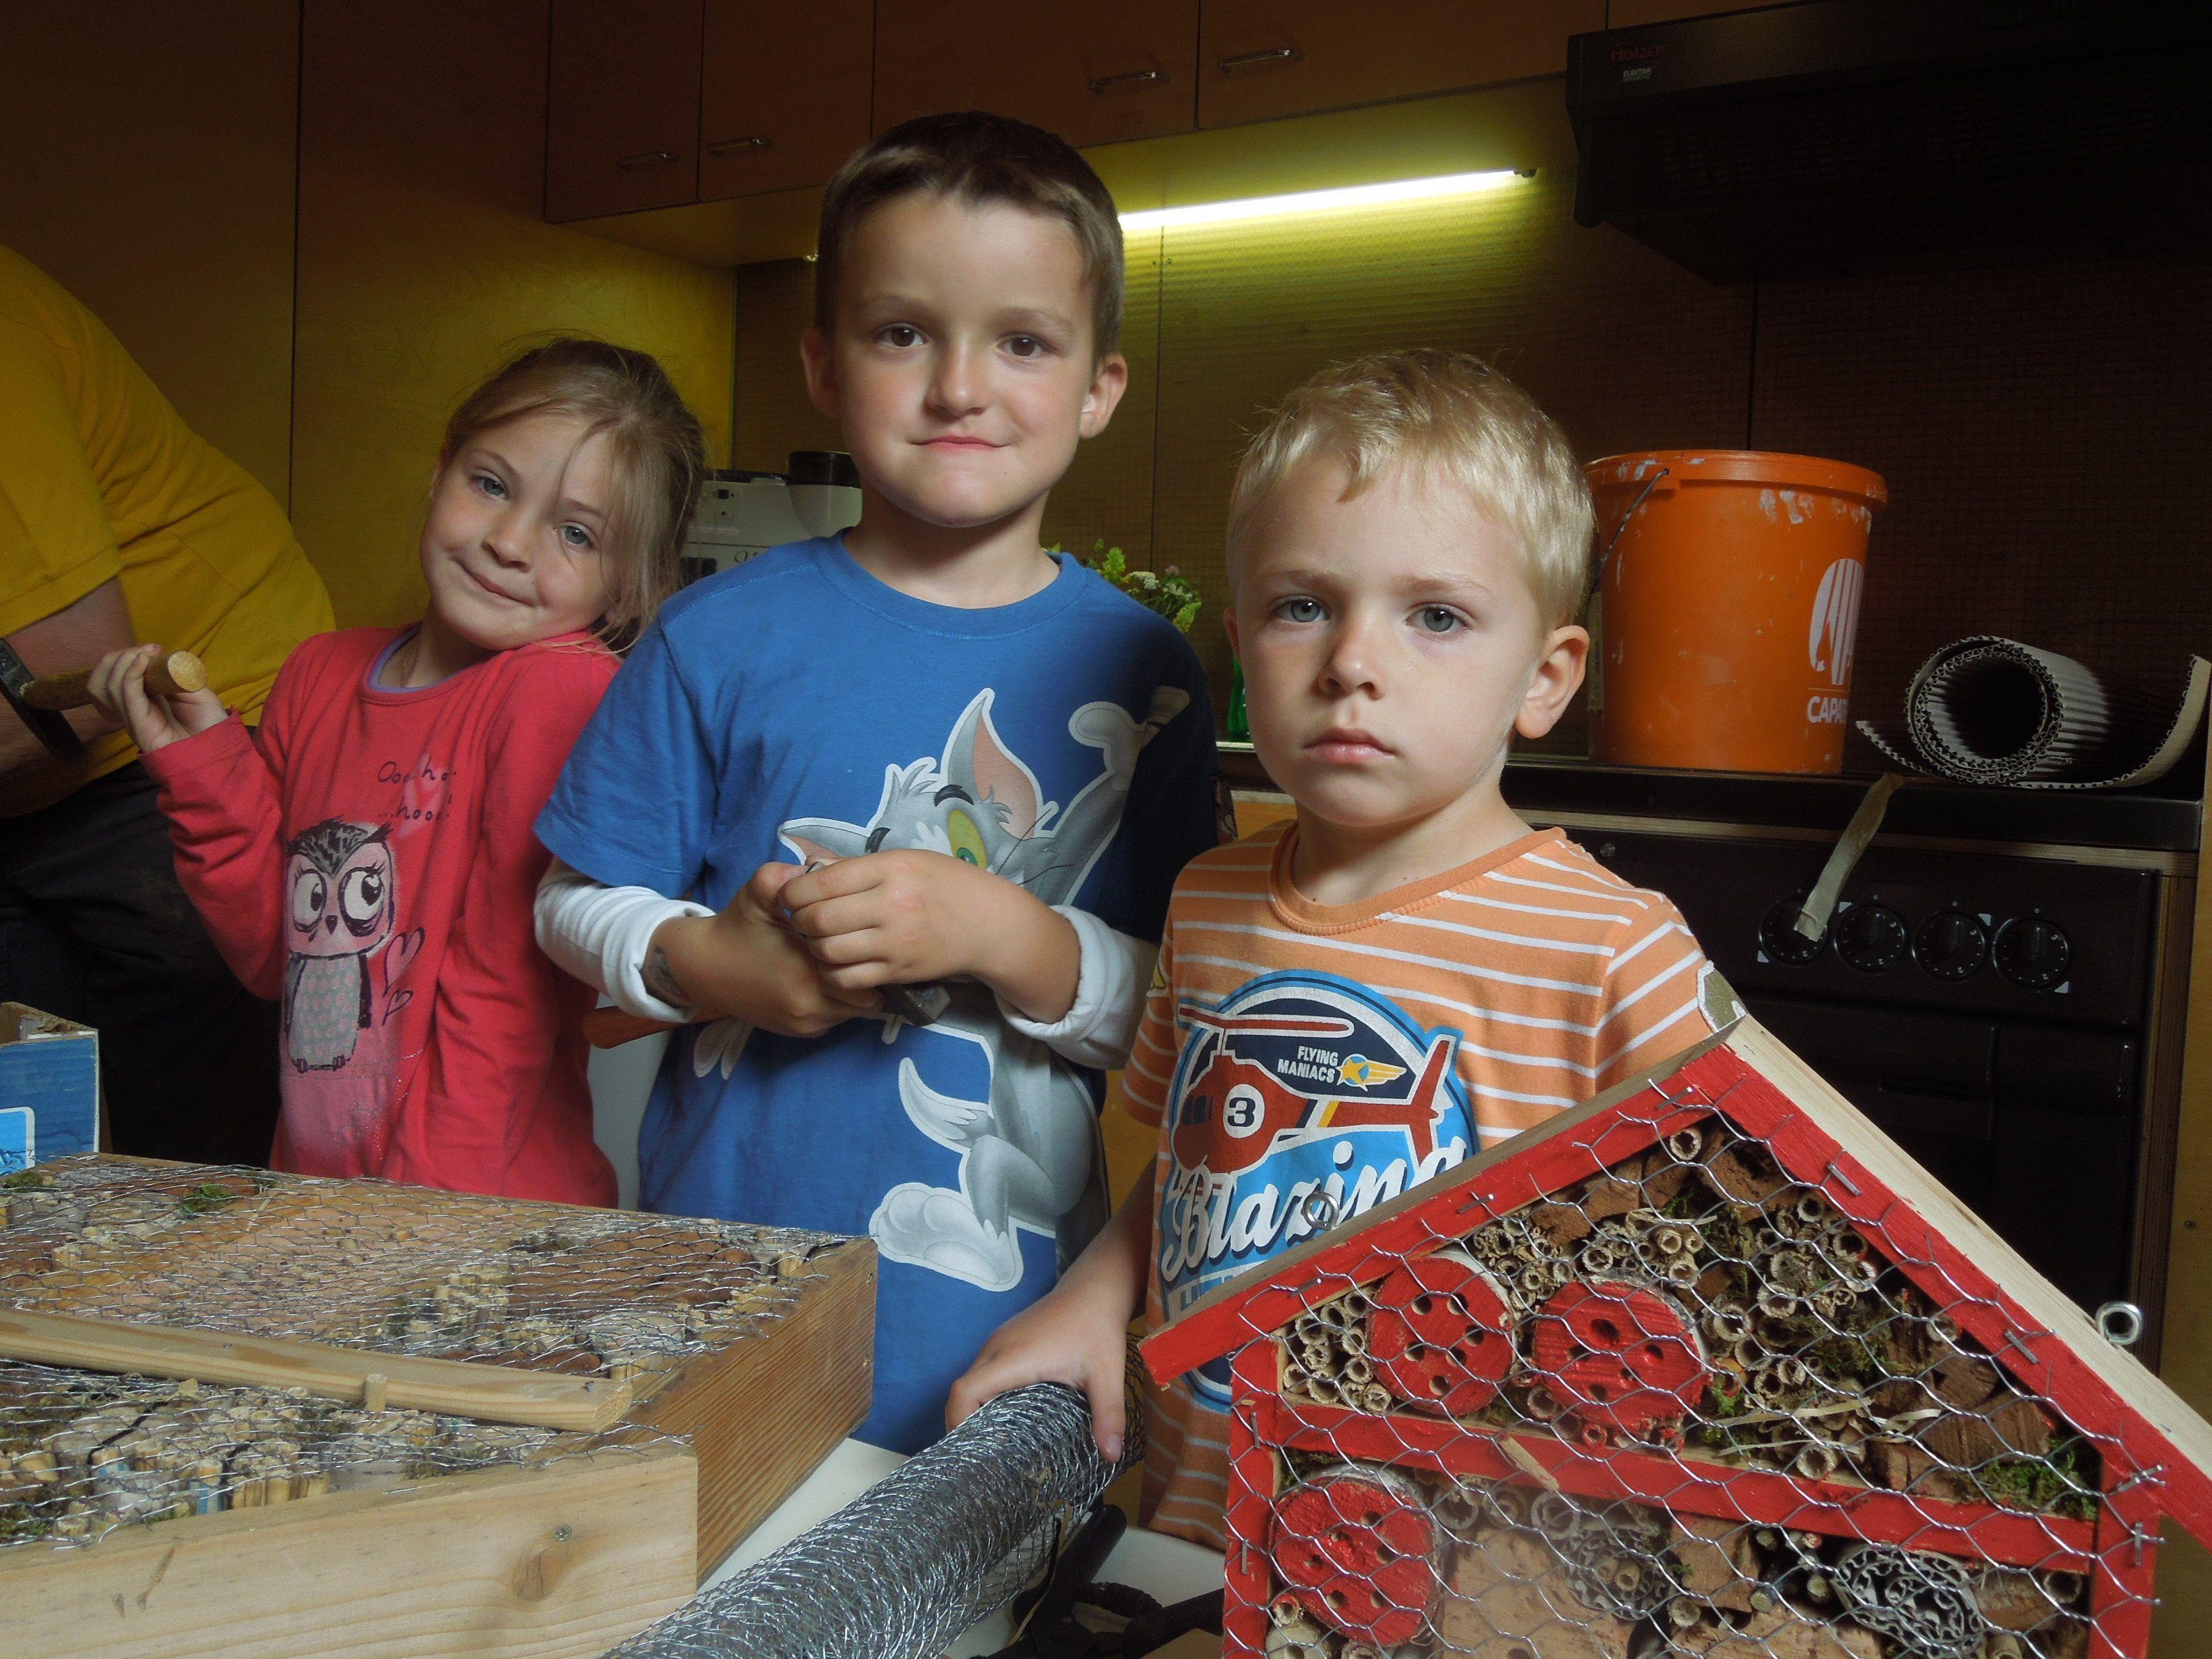 So sehen fleißige Handwerker aus - Laura, Sebastian und Dominik bastelten in ihrem Kindergarten ein Insektenhotel.